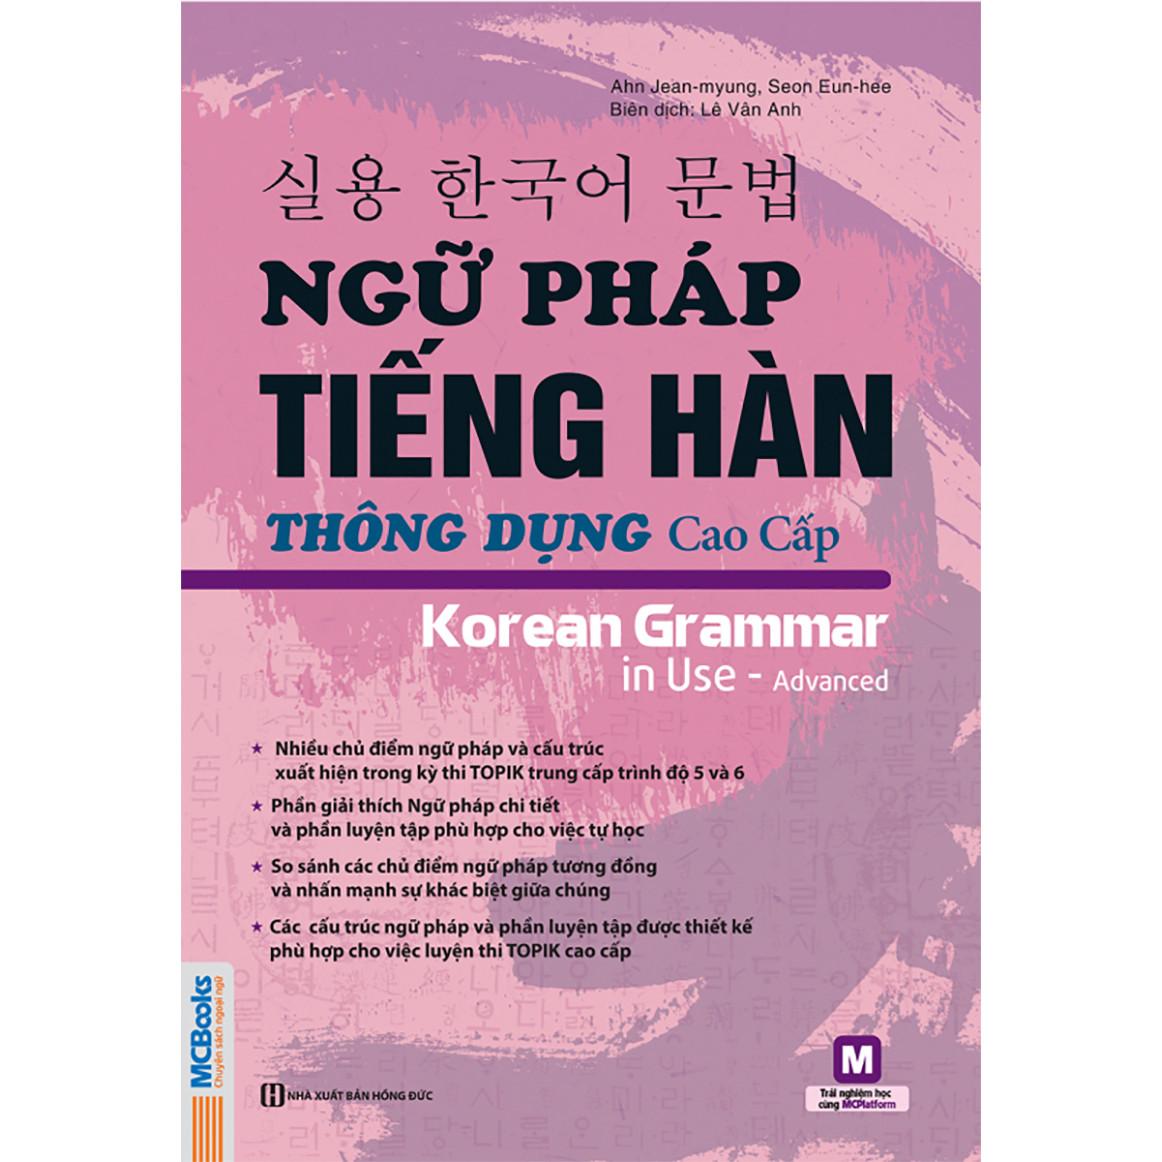 Ngữ Pháp Tiếng Hàn Thông Dụng Cao Cấp - Korean Grammar In Use ( tặng kèm bookmark )